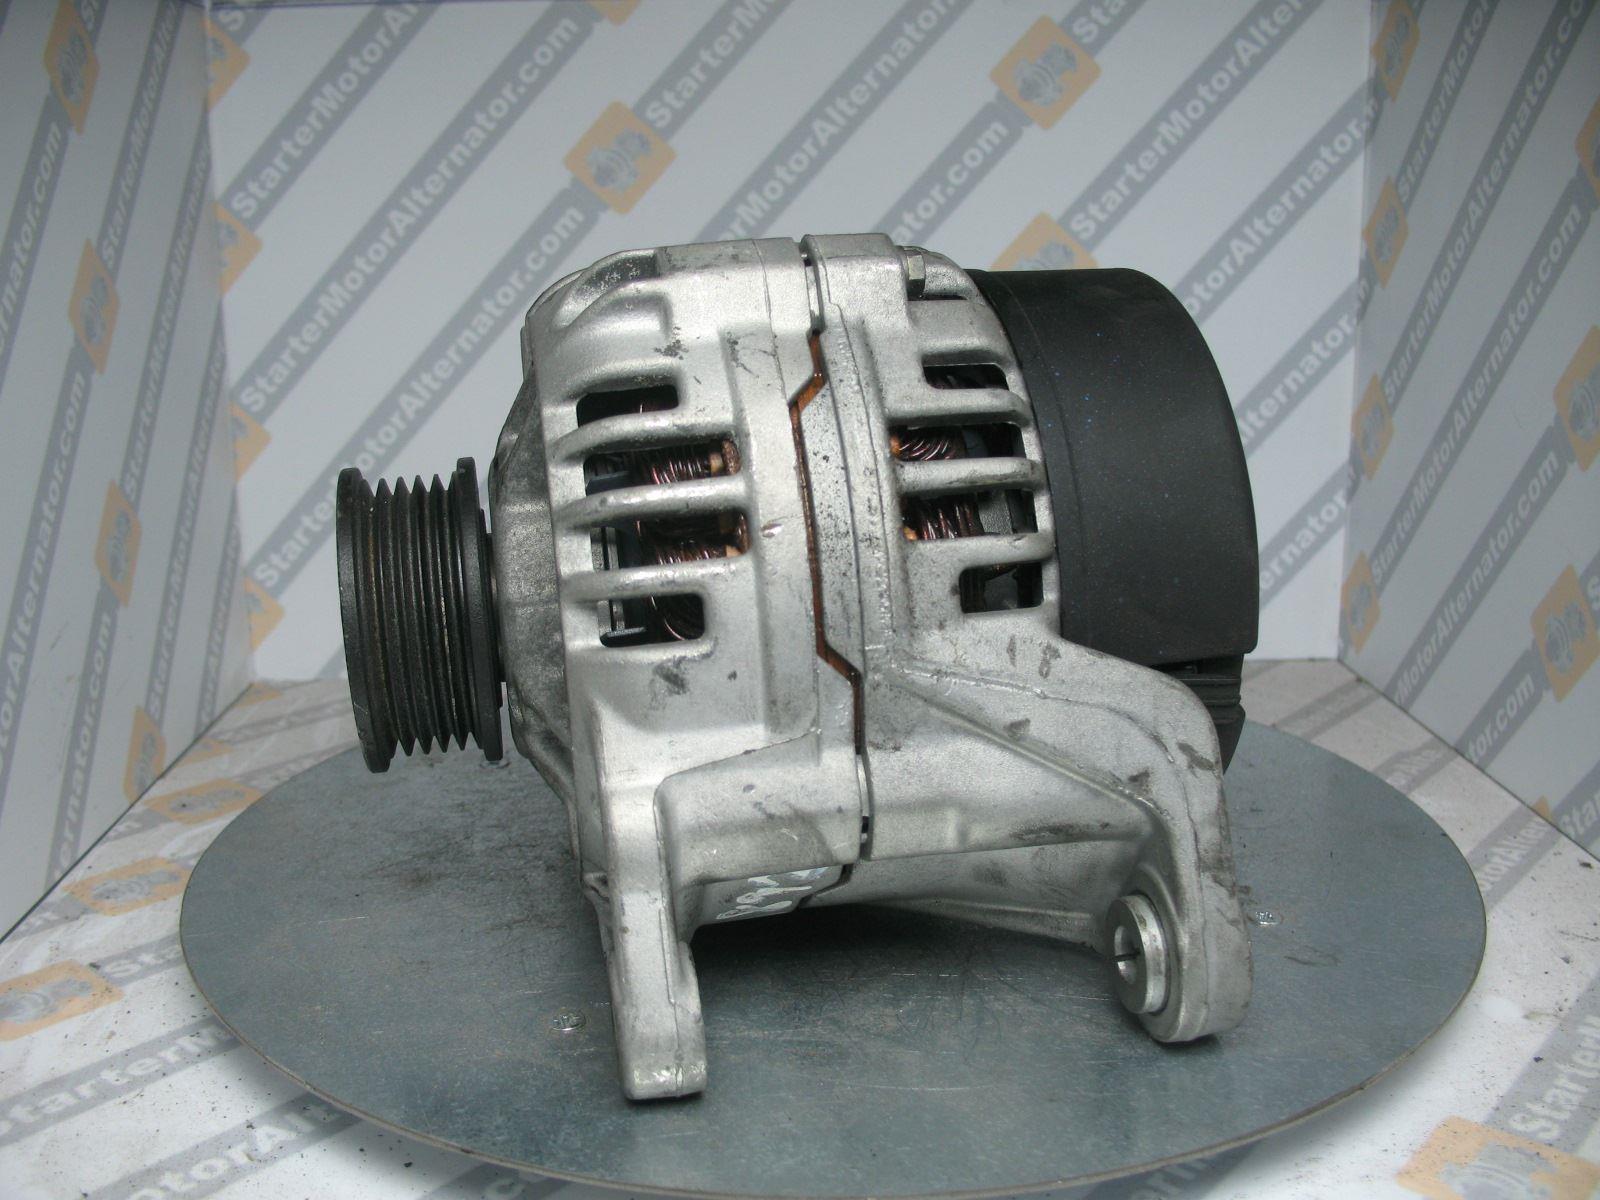 XIA2253 Alternator For Audi / Skoda / Volkswagen